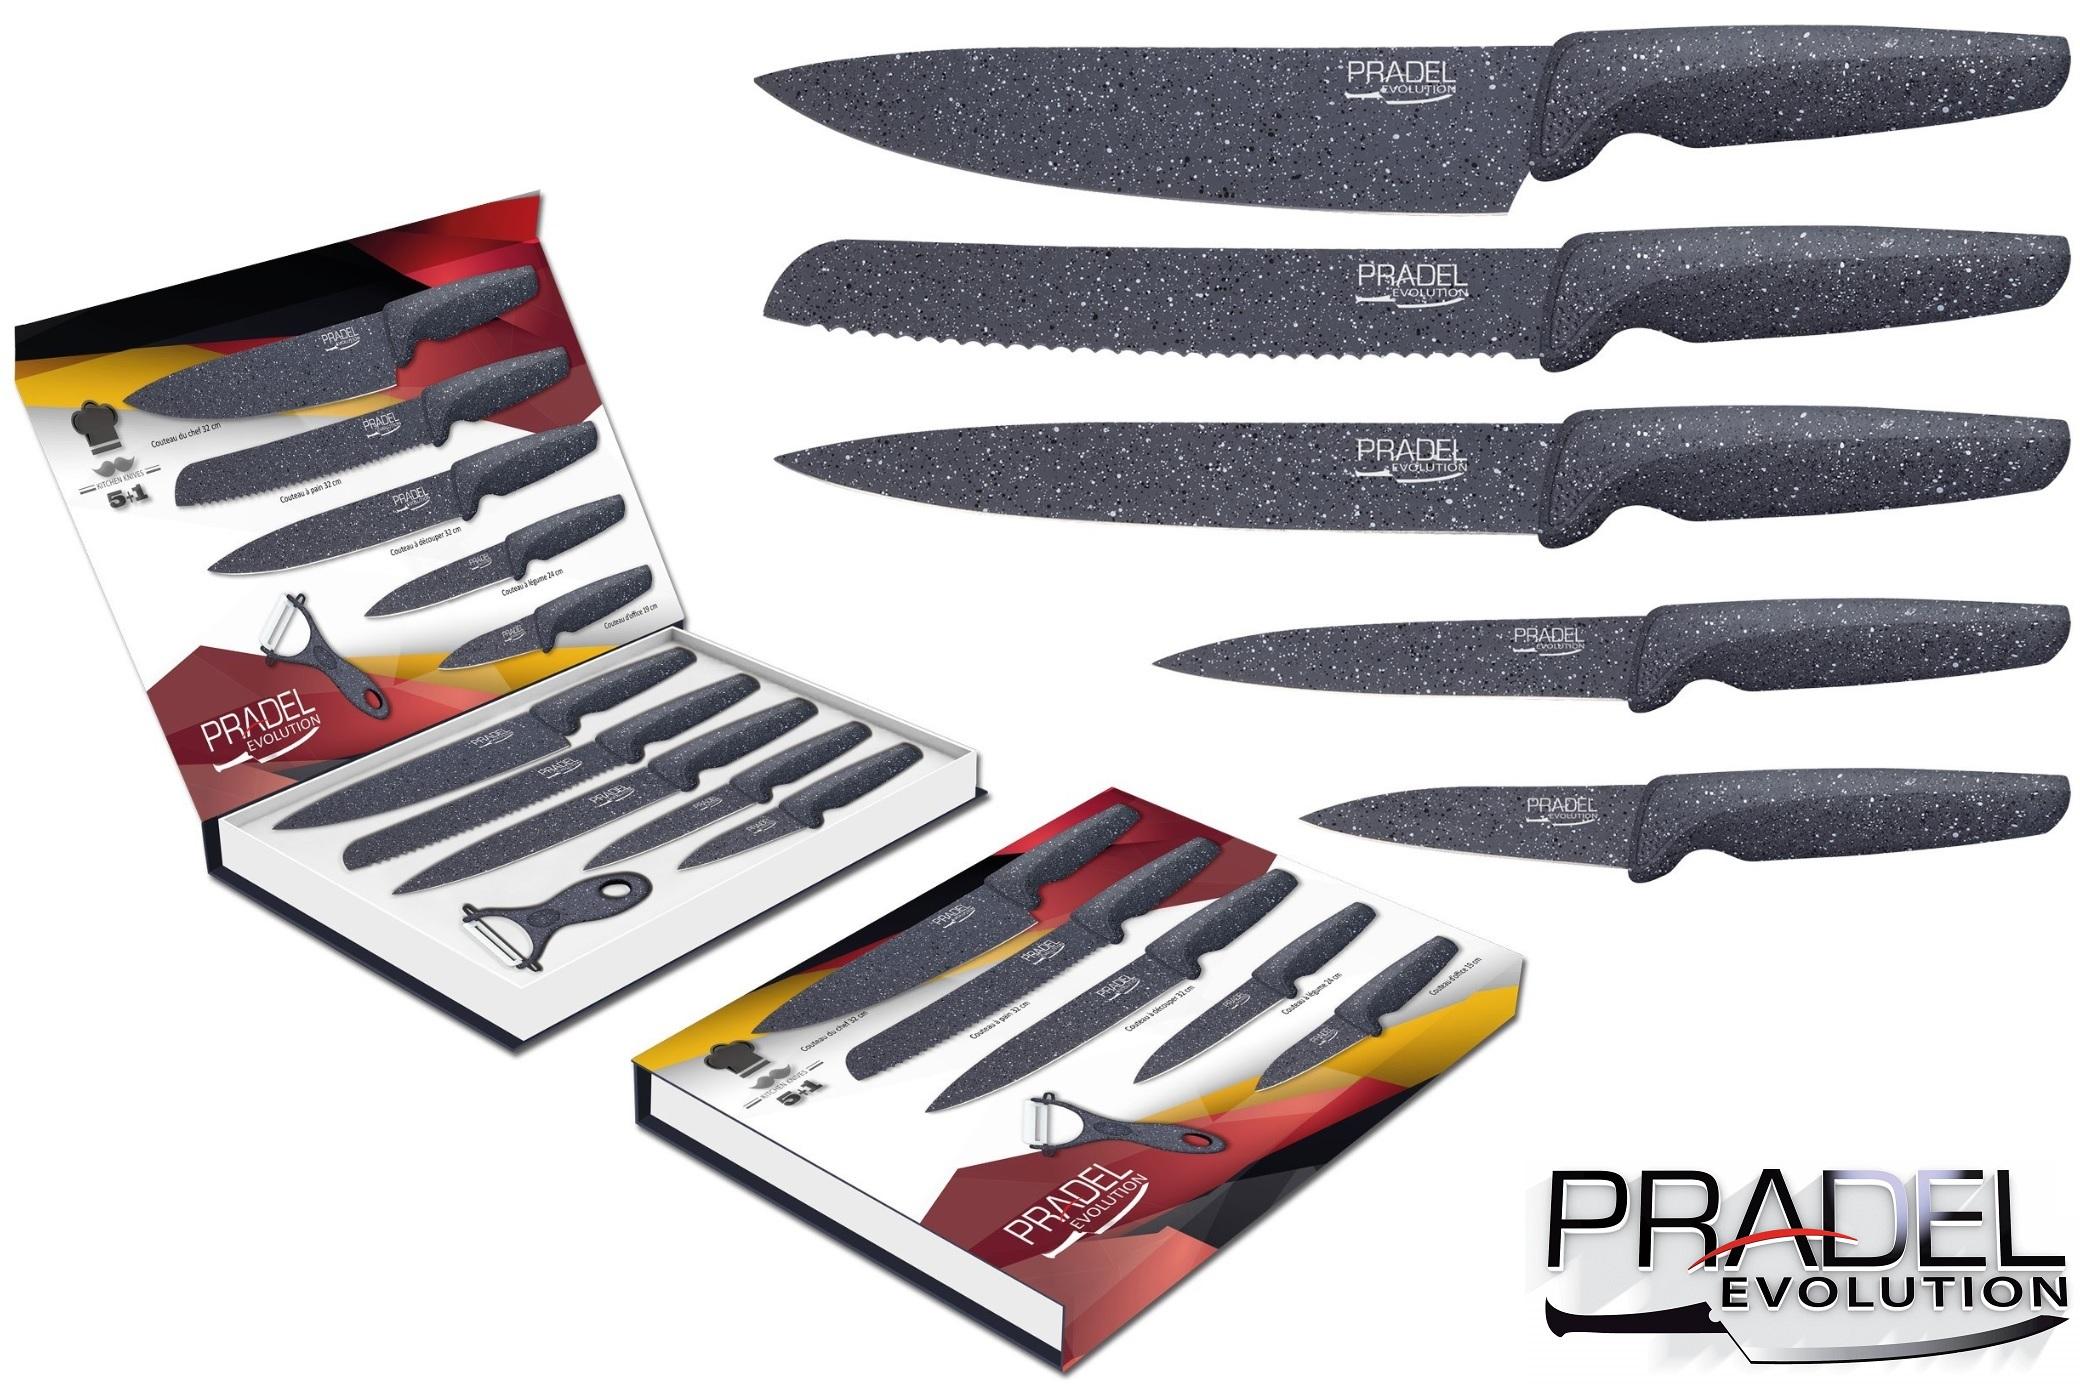 Coffret couteaux pradel couteau de cuisine table pierre grise - Coffret couteaux de cuisine ...